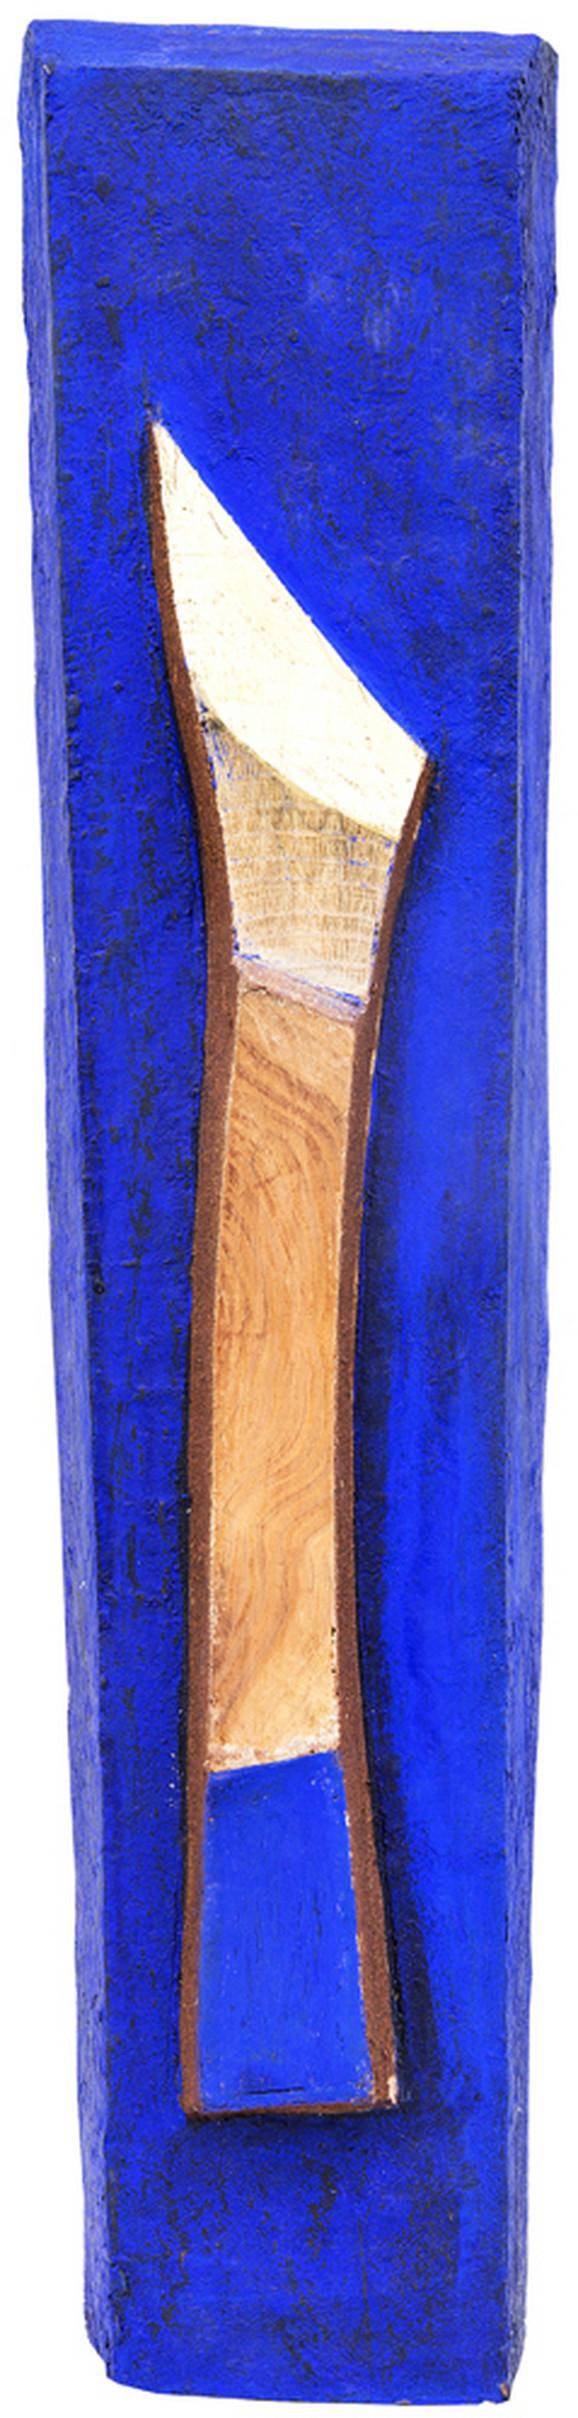 Bez naziva, 2012, drvo, boja, 54x12x7